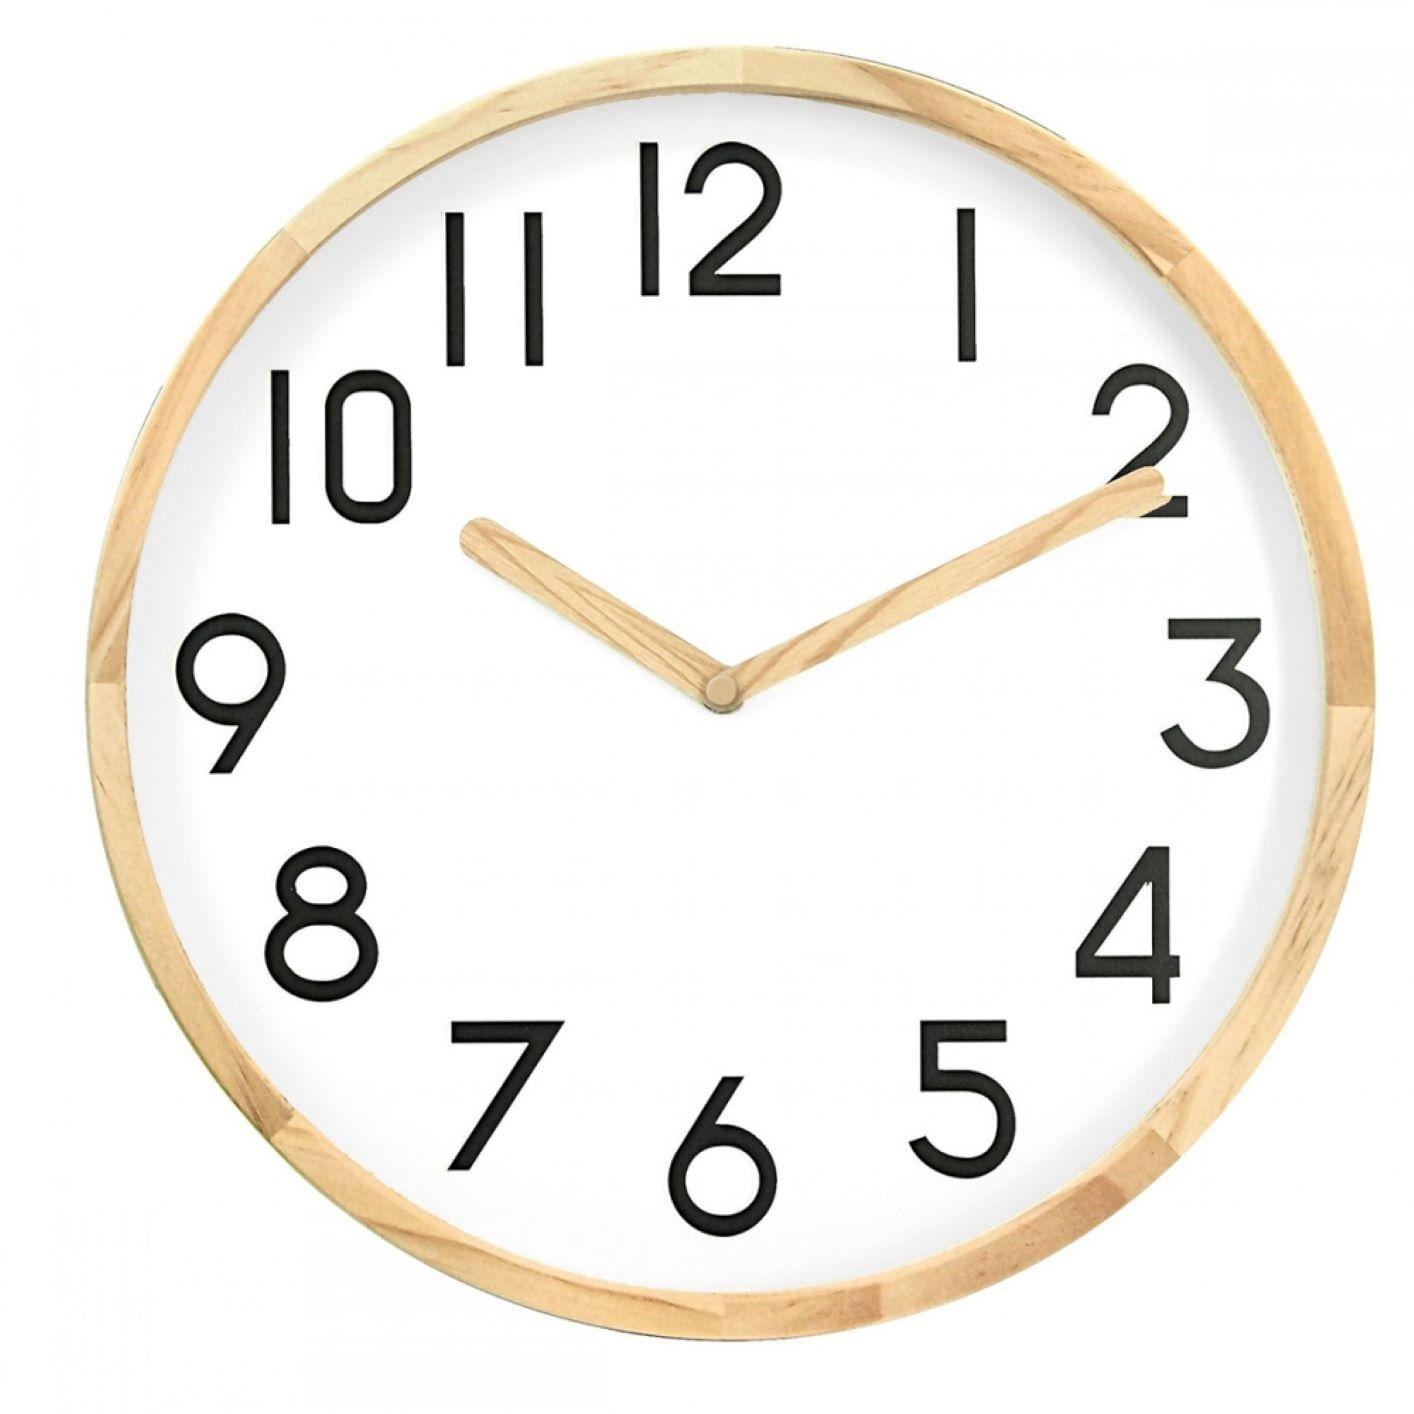 Relógio de Parede de Madeira Fundo Branco 30cm - Decorativo